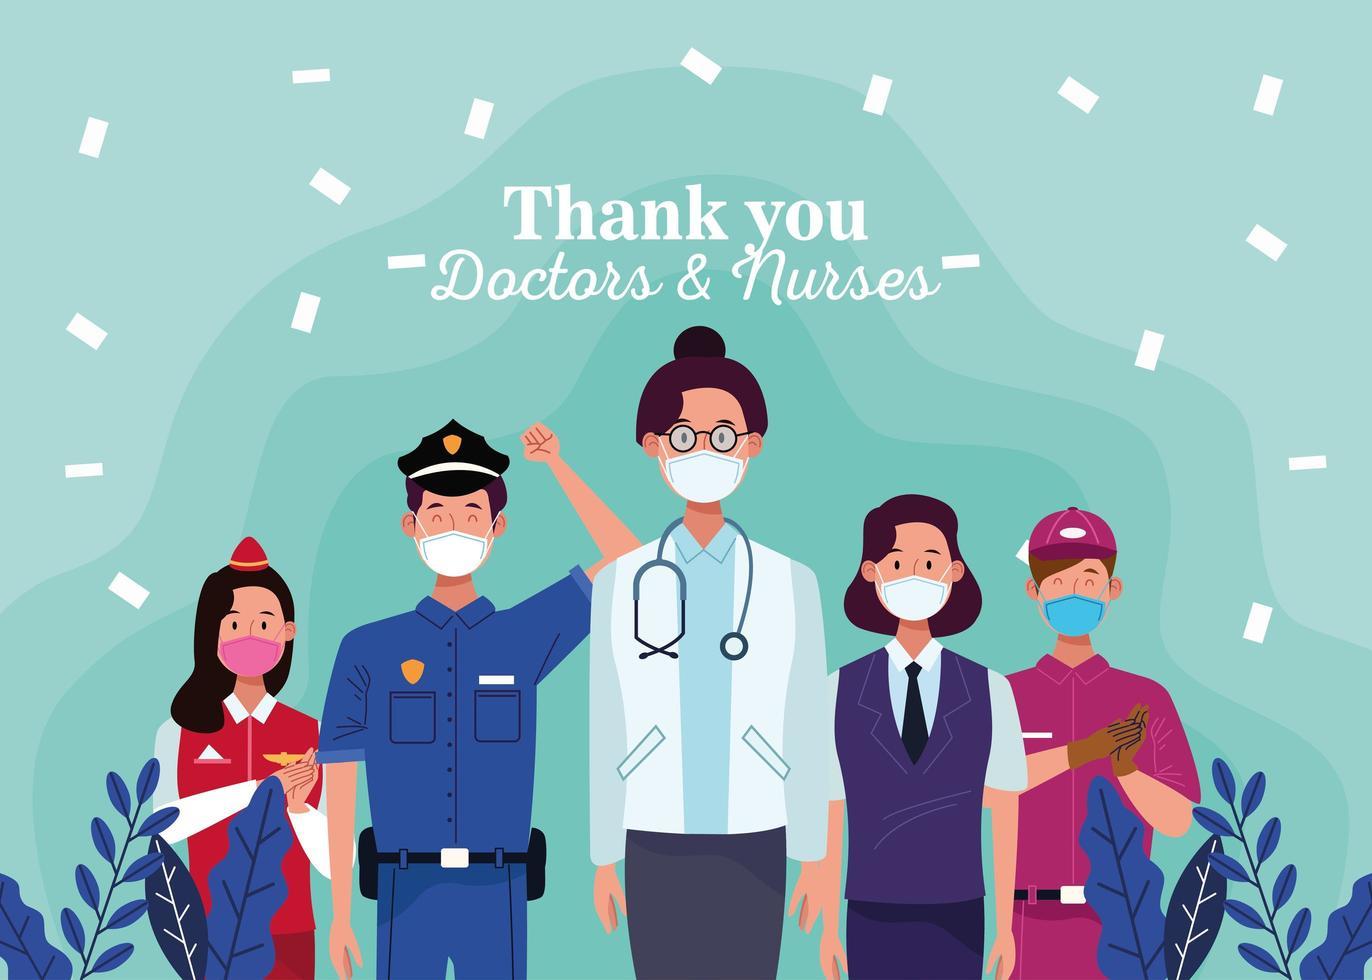 travailleurs utilisant des masques médicaux avec un message de remerciement aux médecins et infirmières vecteur